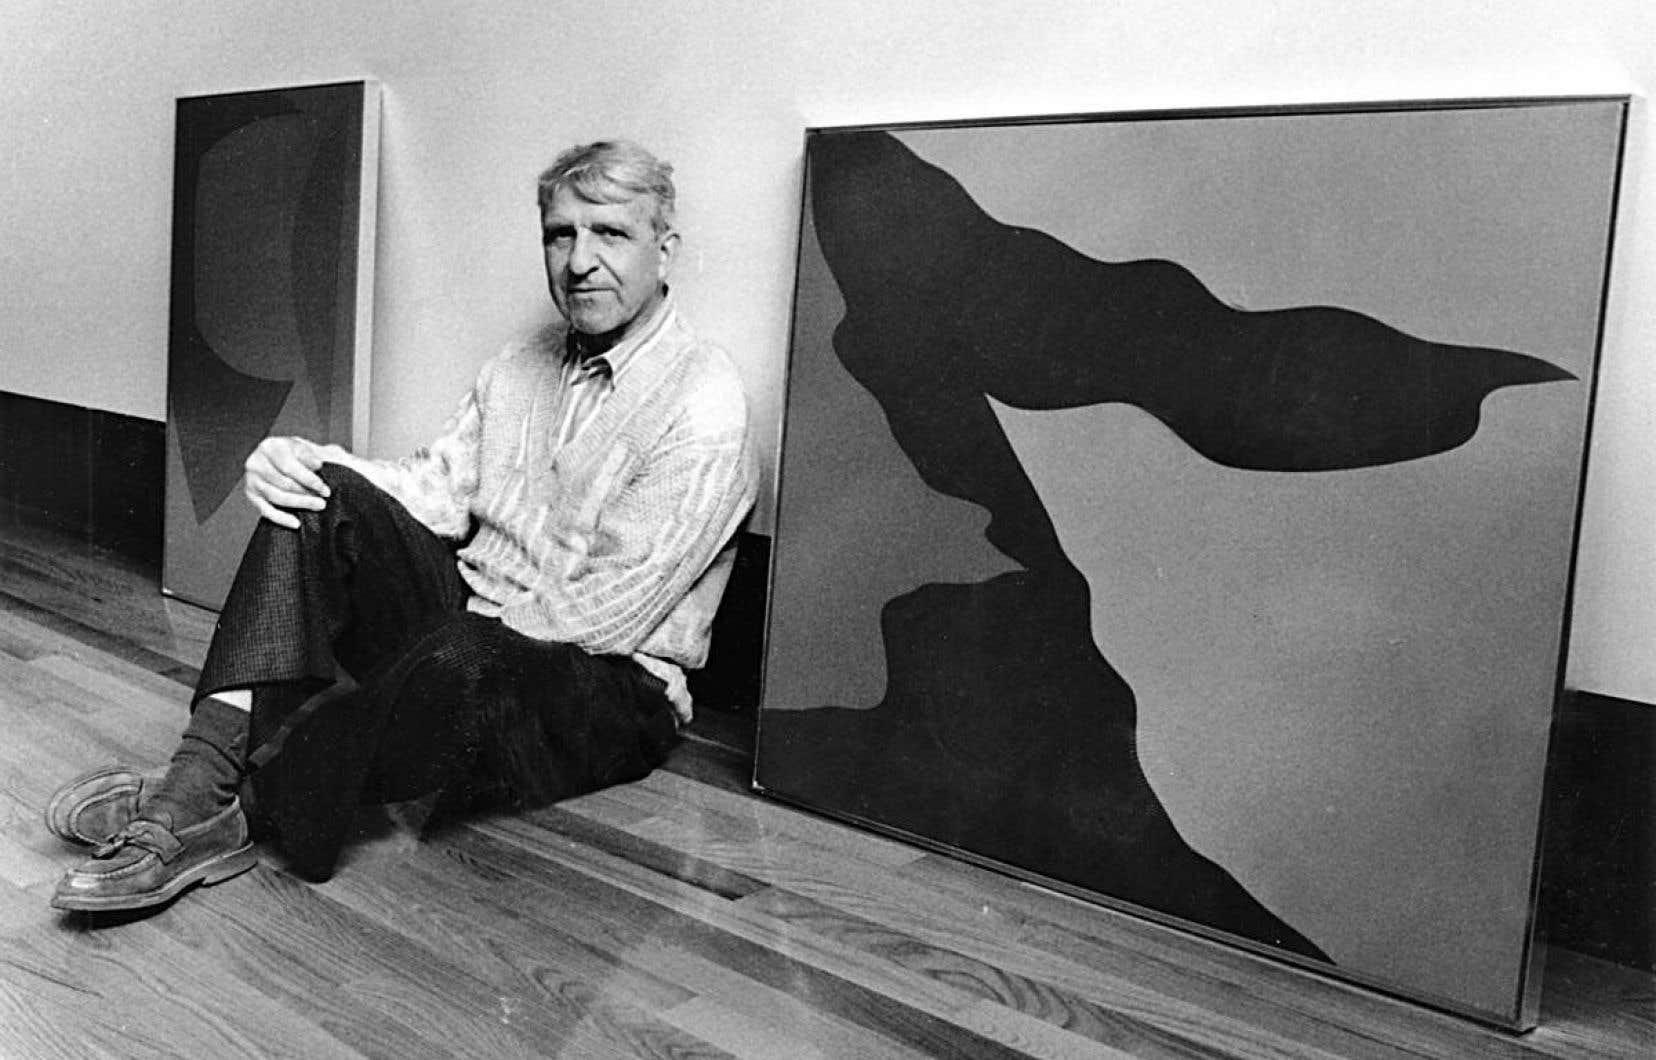 La peinture était pour Fernand Leduc une véritable mystique, une mystique athée, une sorte de dévotion pour l'art abstrait qu'il pratiquait avec une exigence quotidienne.